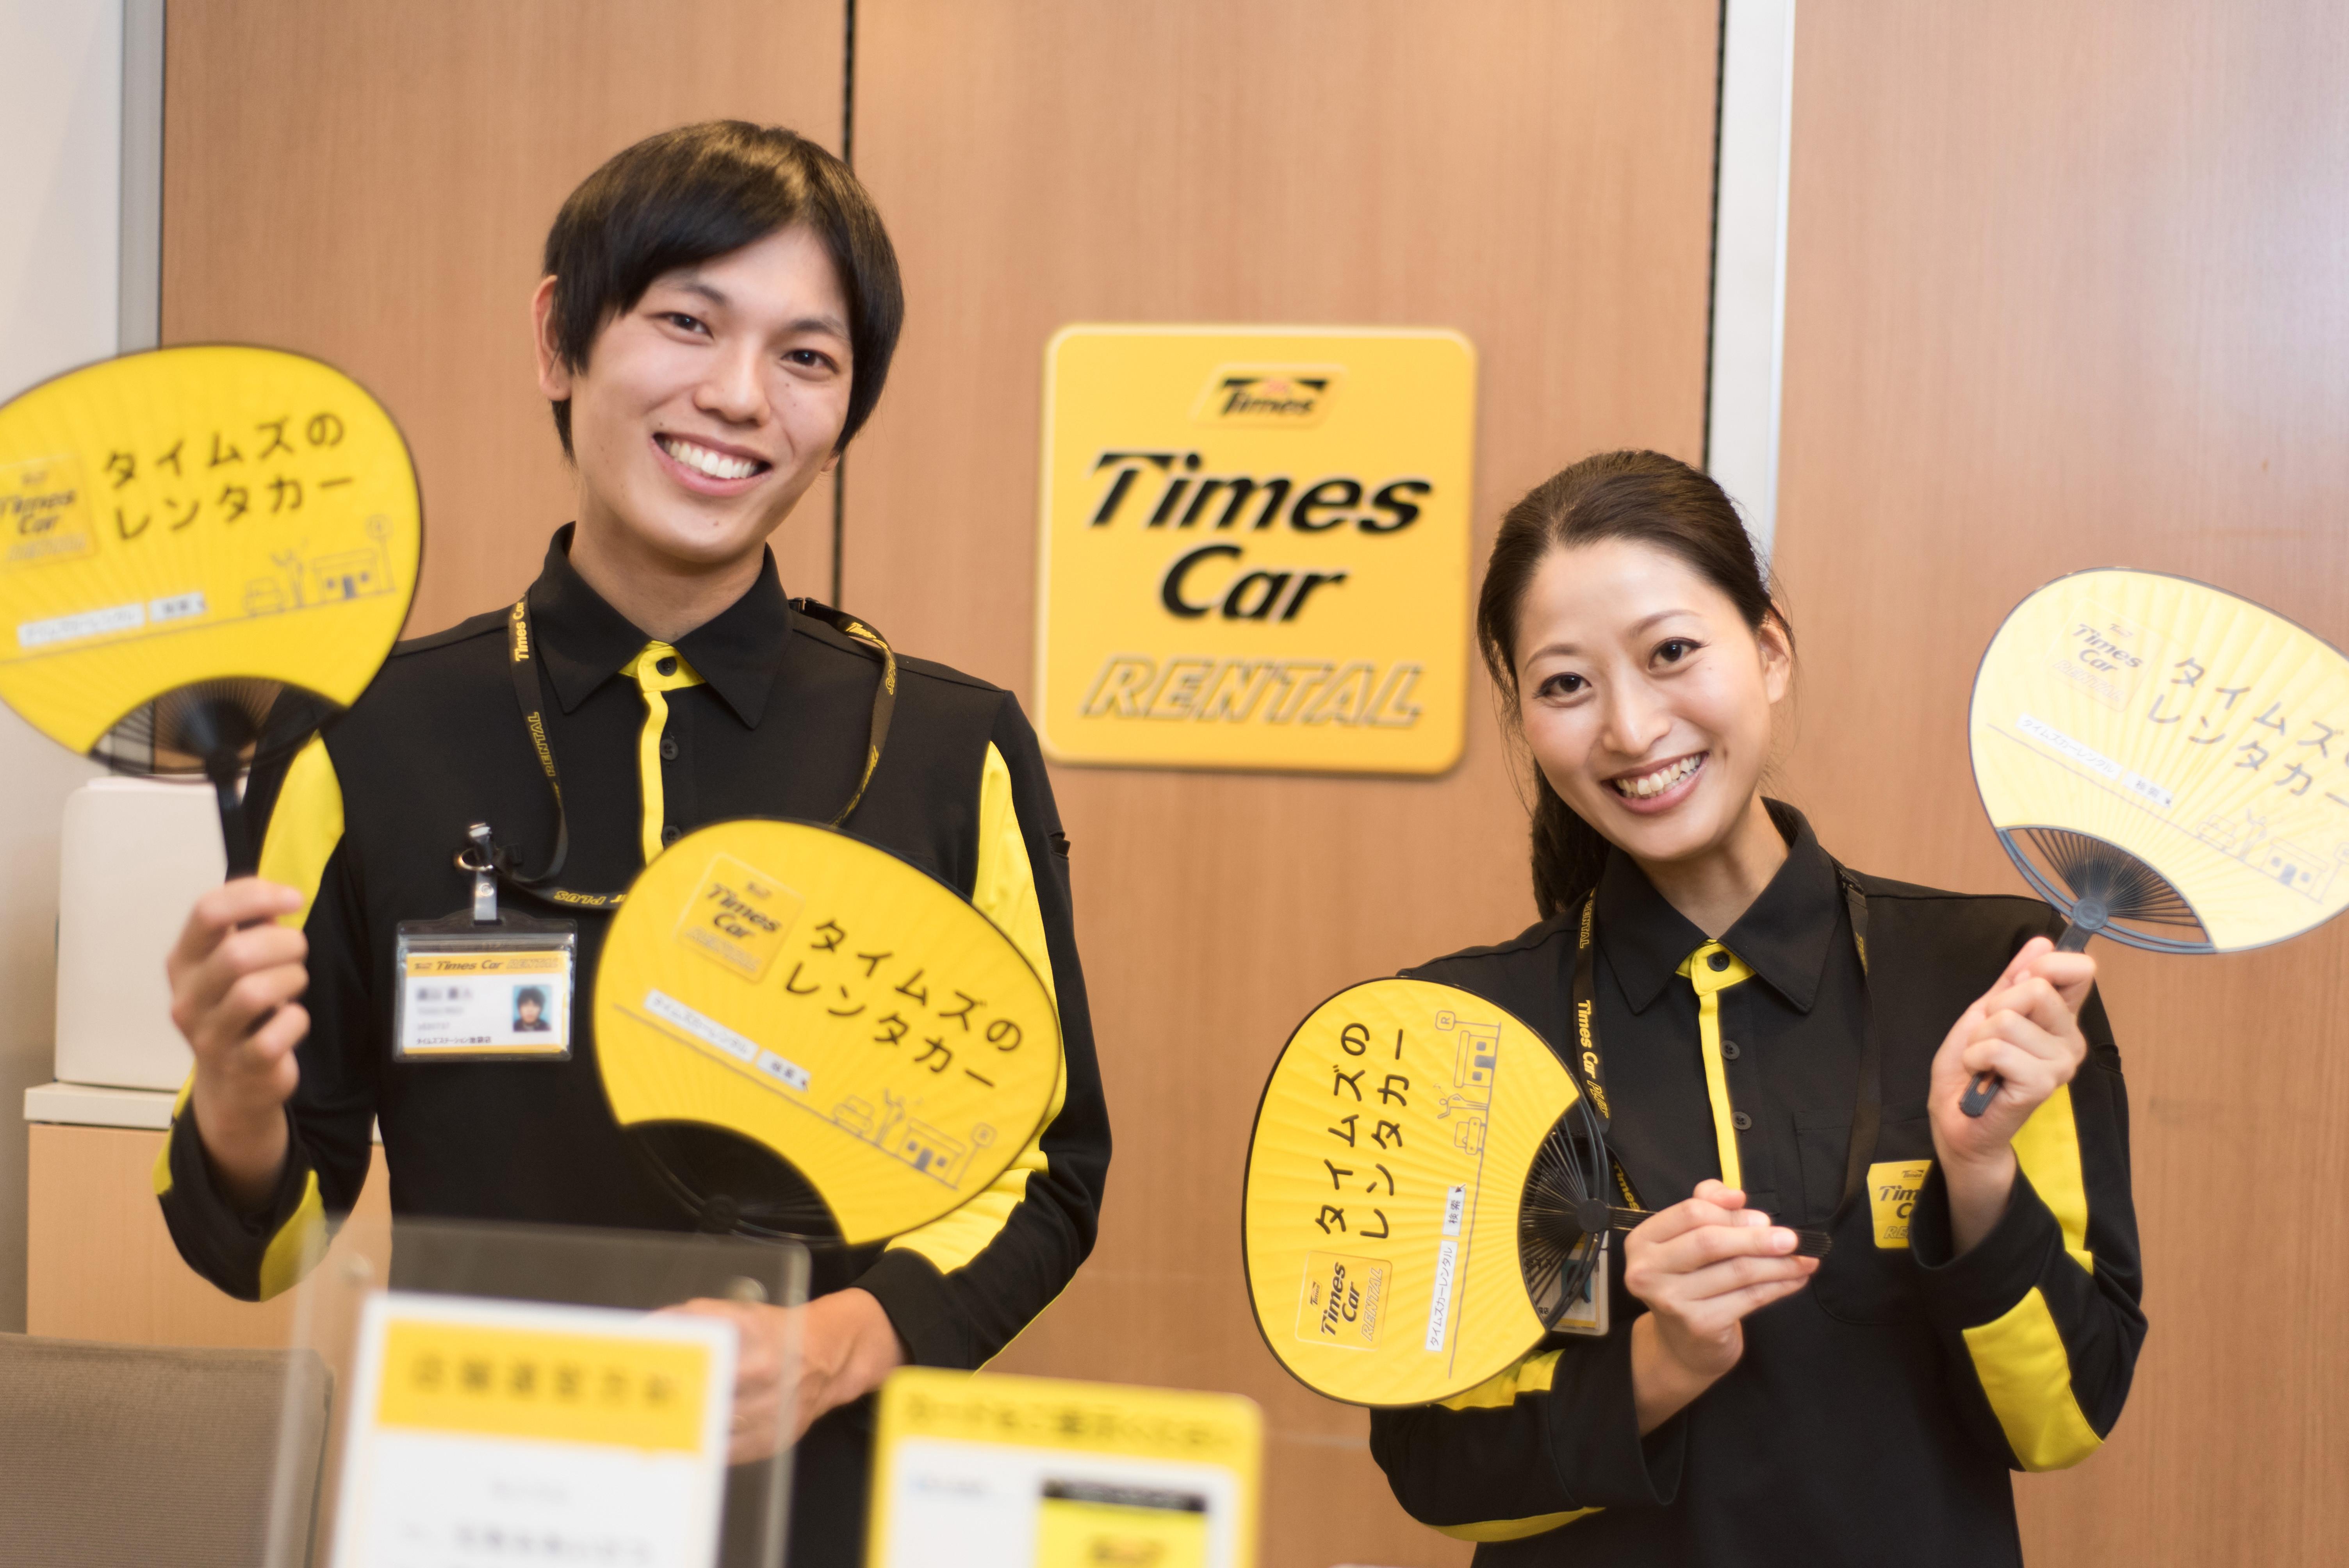 タイムズカーレンタル 東大阪長田店 のアルバイト情報